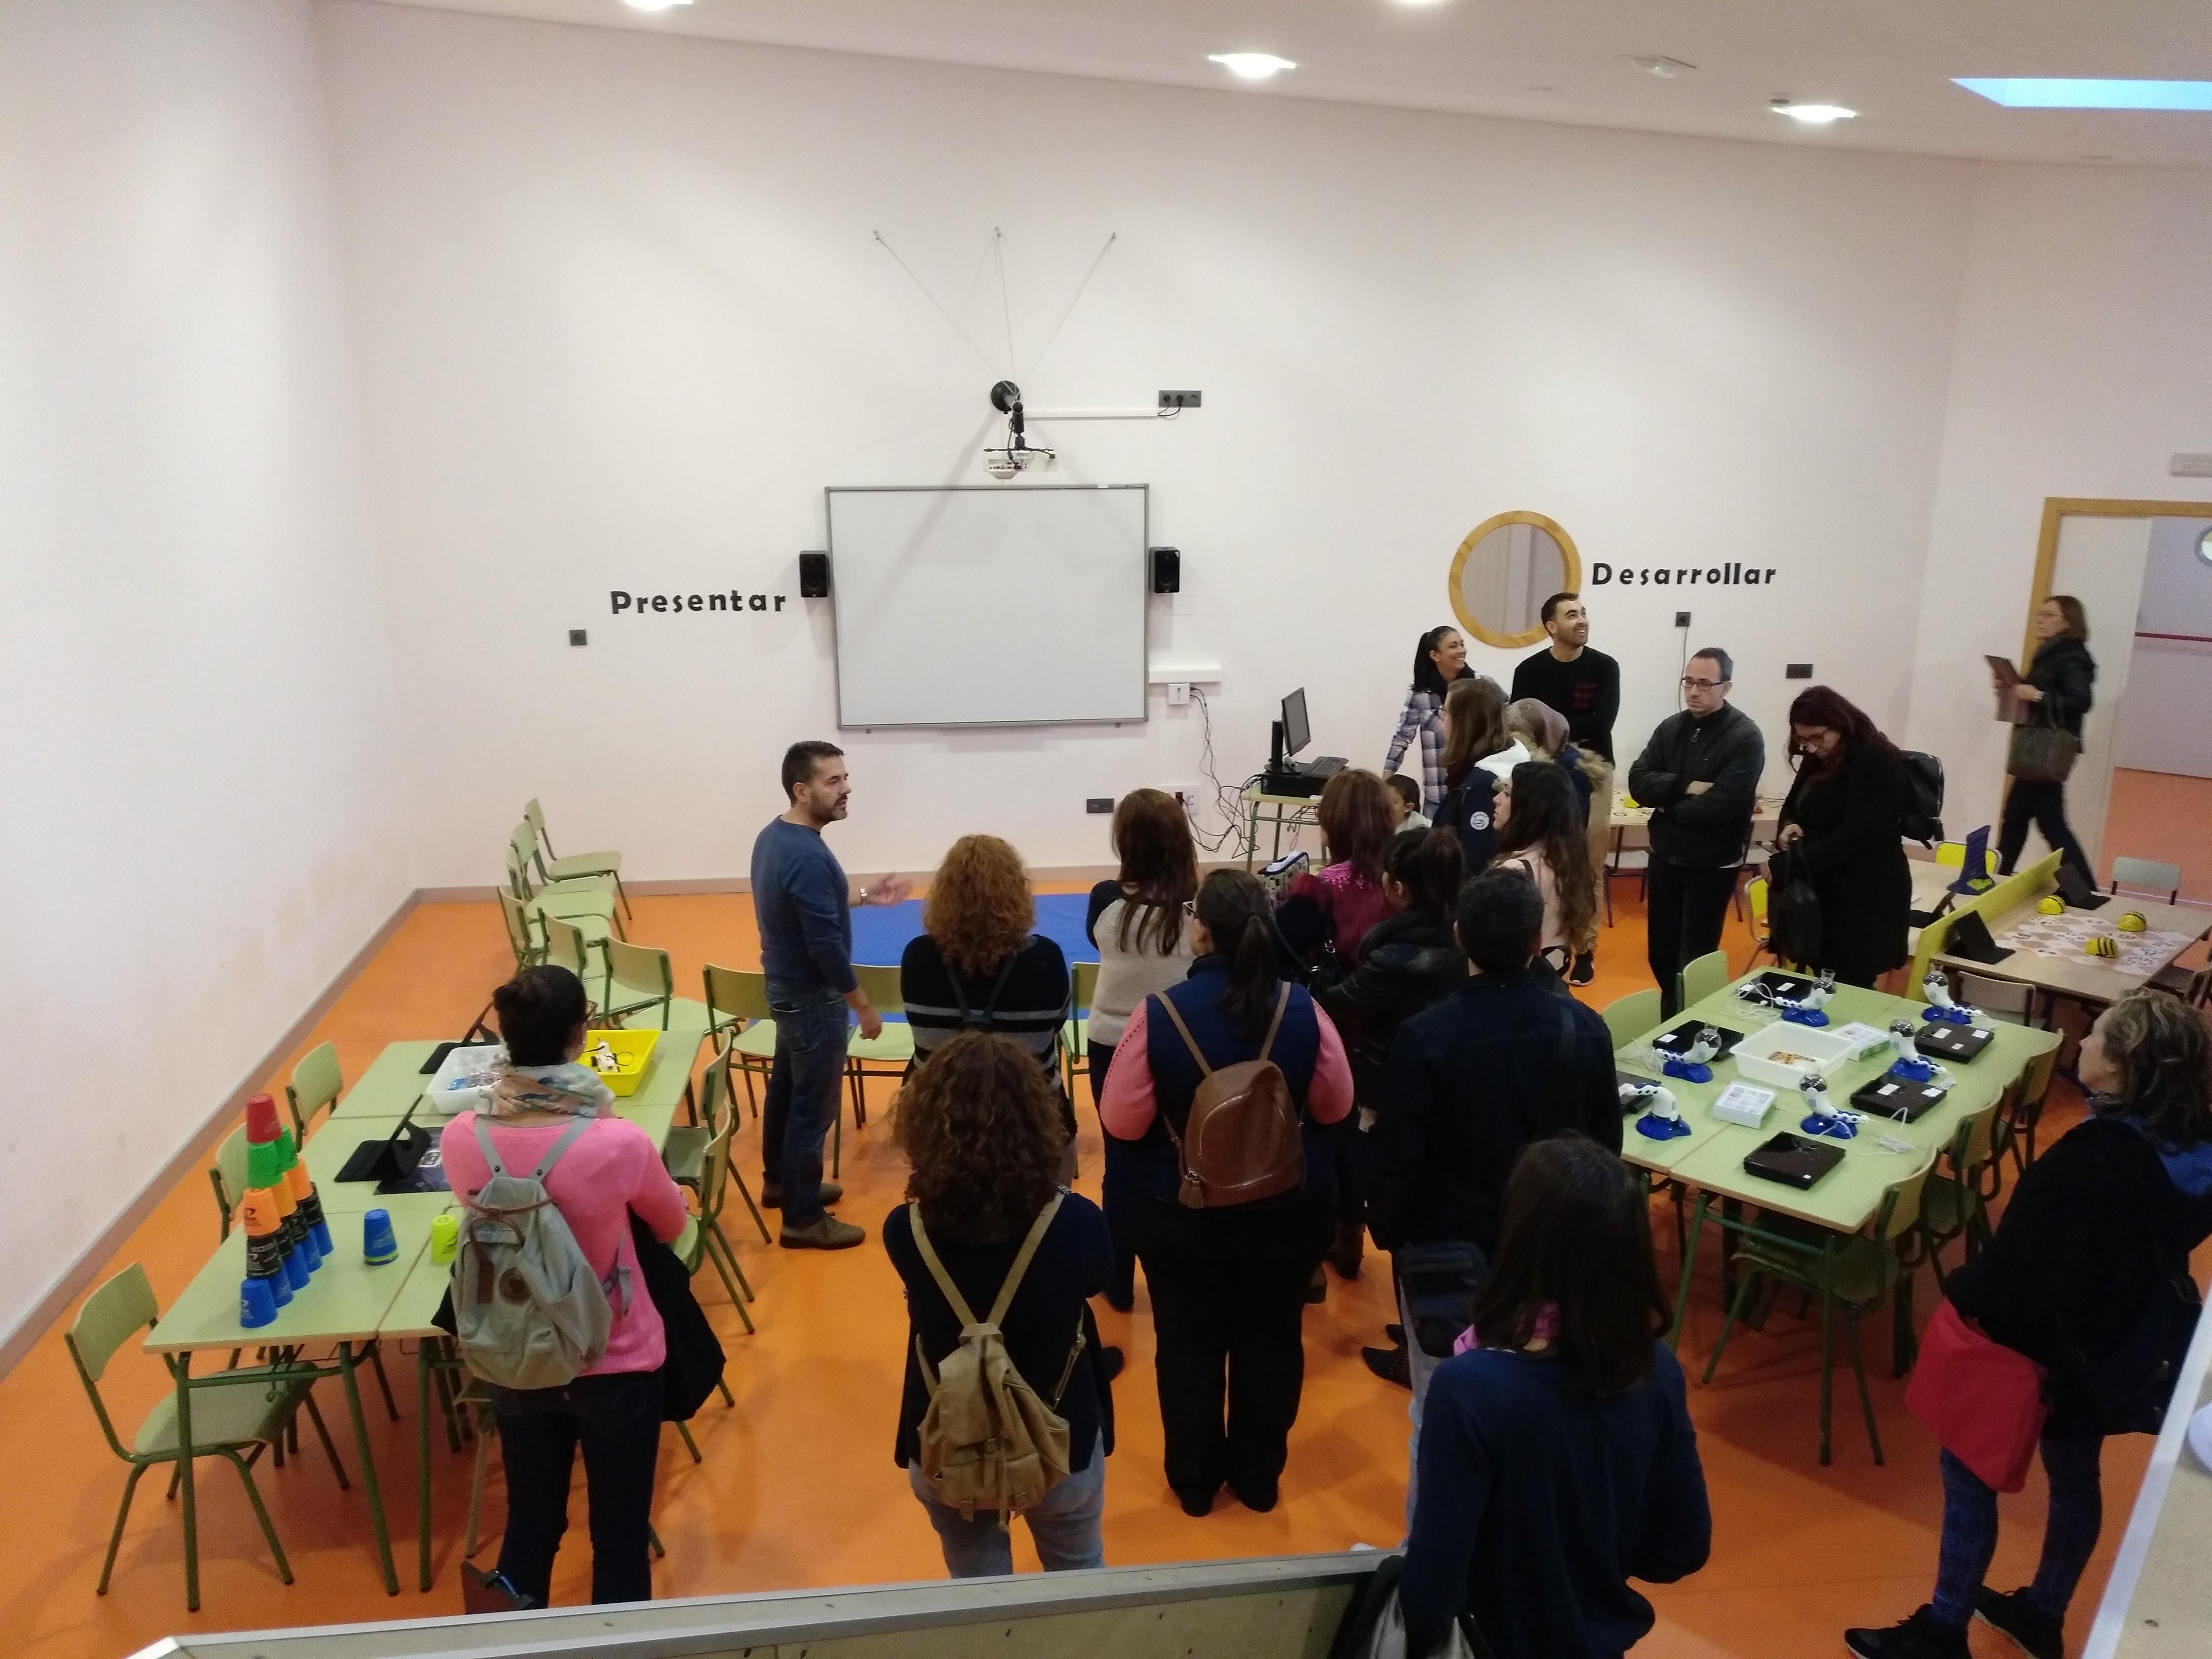 Funcionarios en prácticas en el Aula del Futuro del CEIP Ciuda de Ceuta